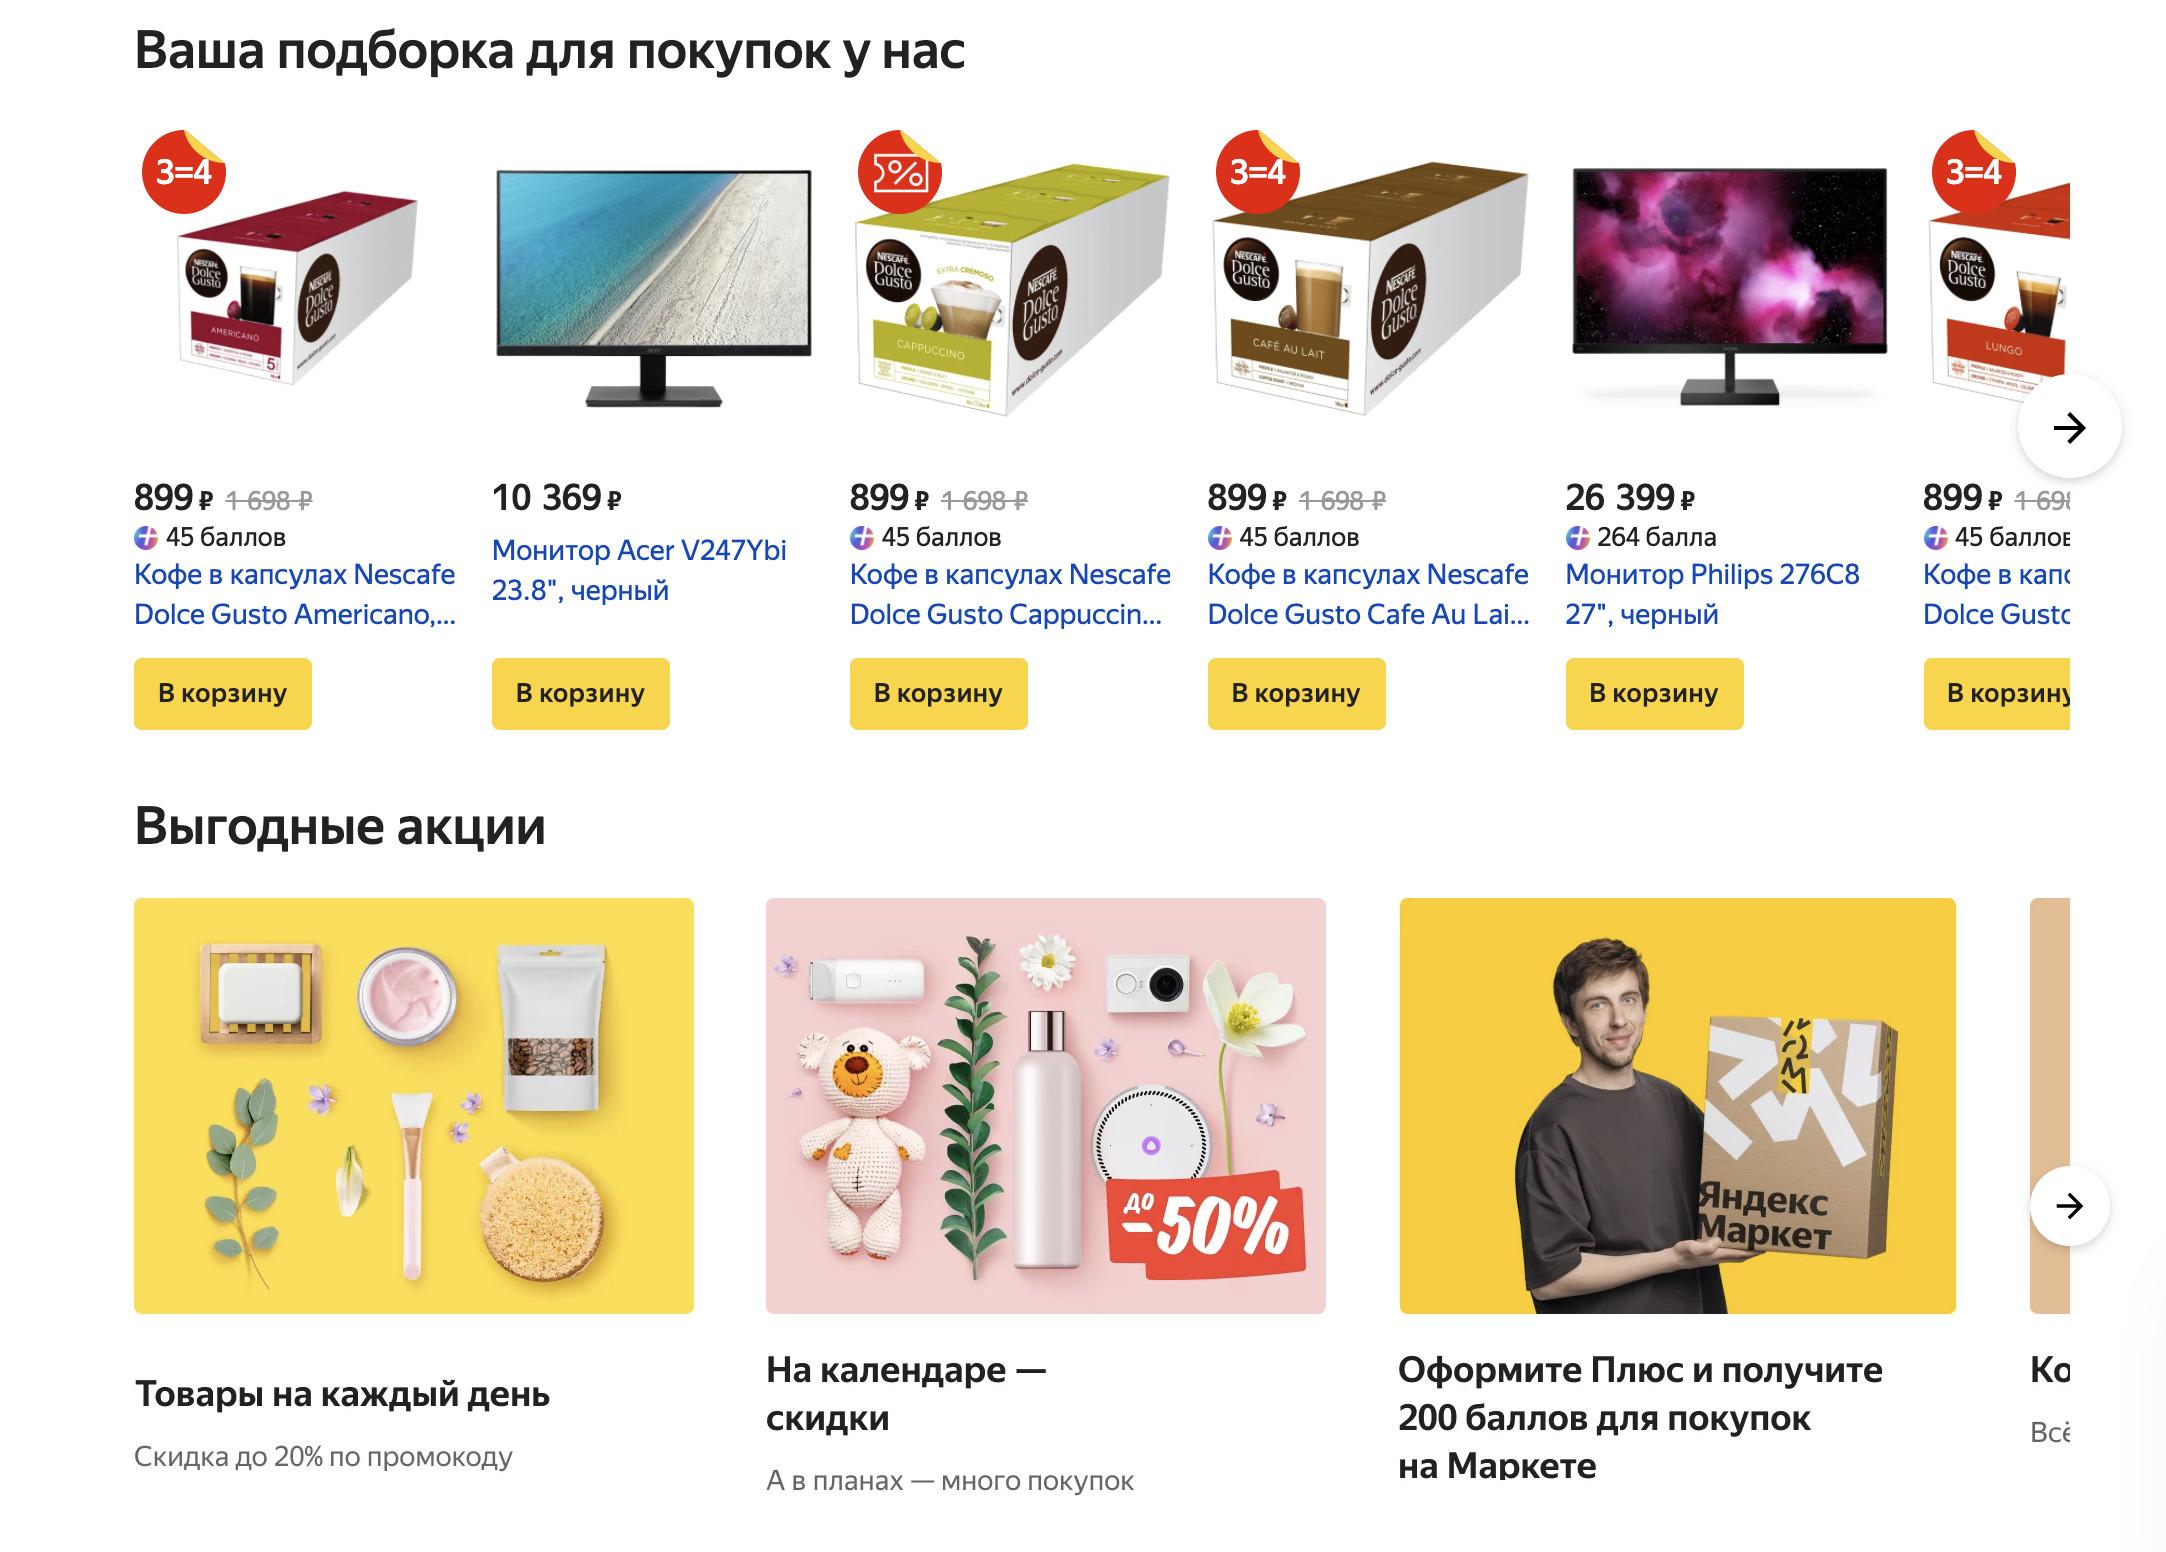 Доставка из Яндекс.Маркет в Ульяновск, сроки, пункты выдачи, каталог